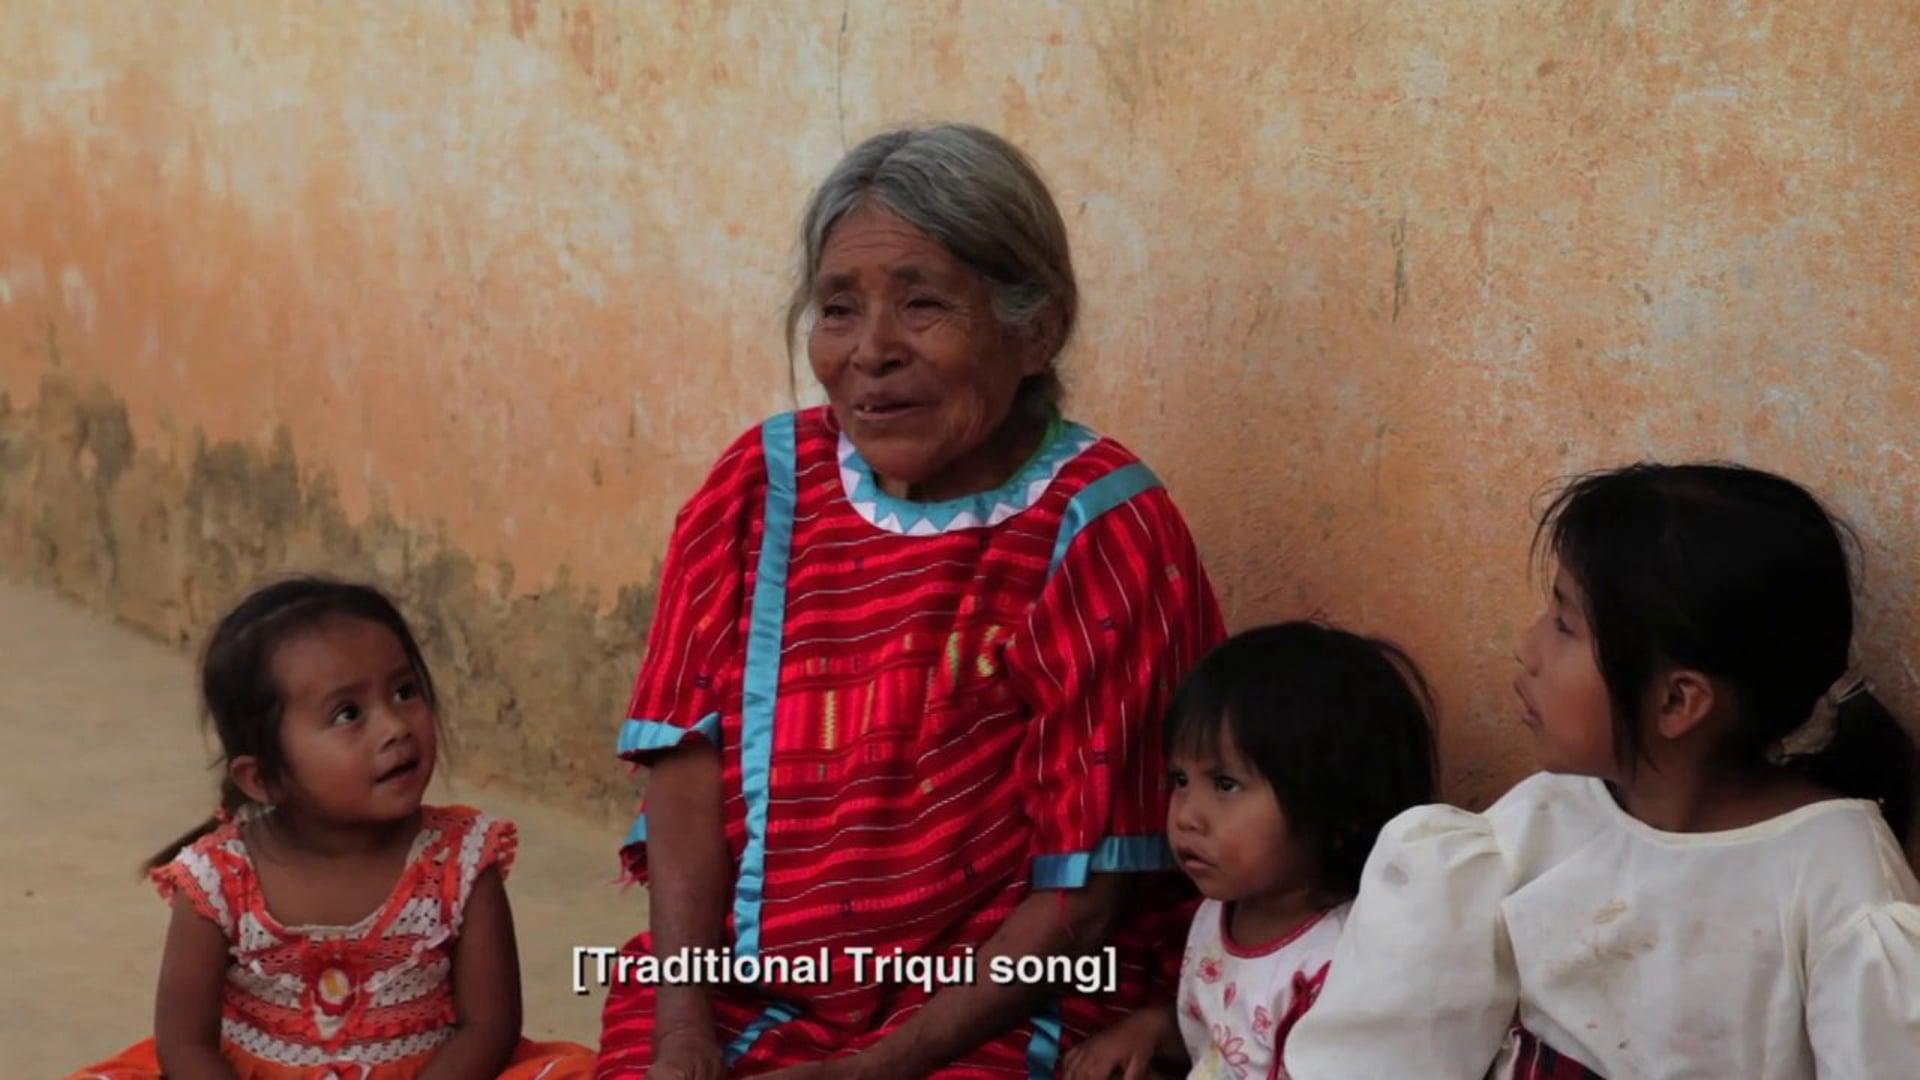 Triqui Women of Oaxaca (Documentary Short)